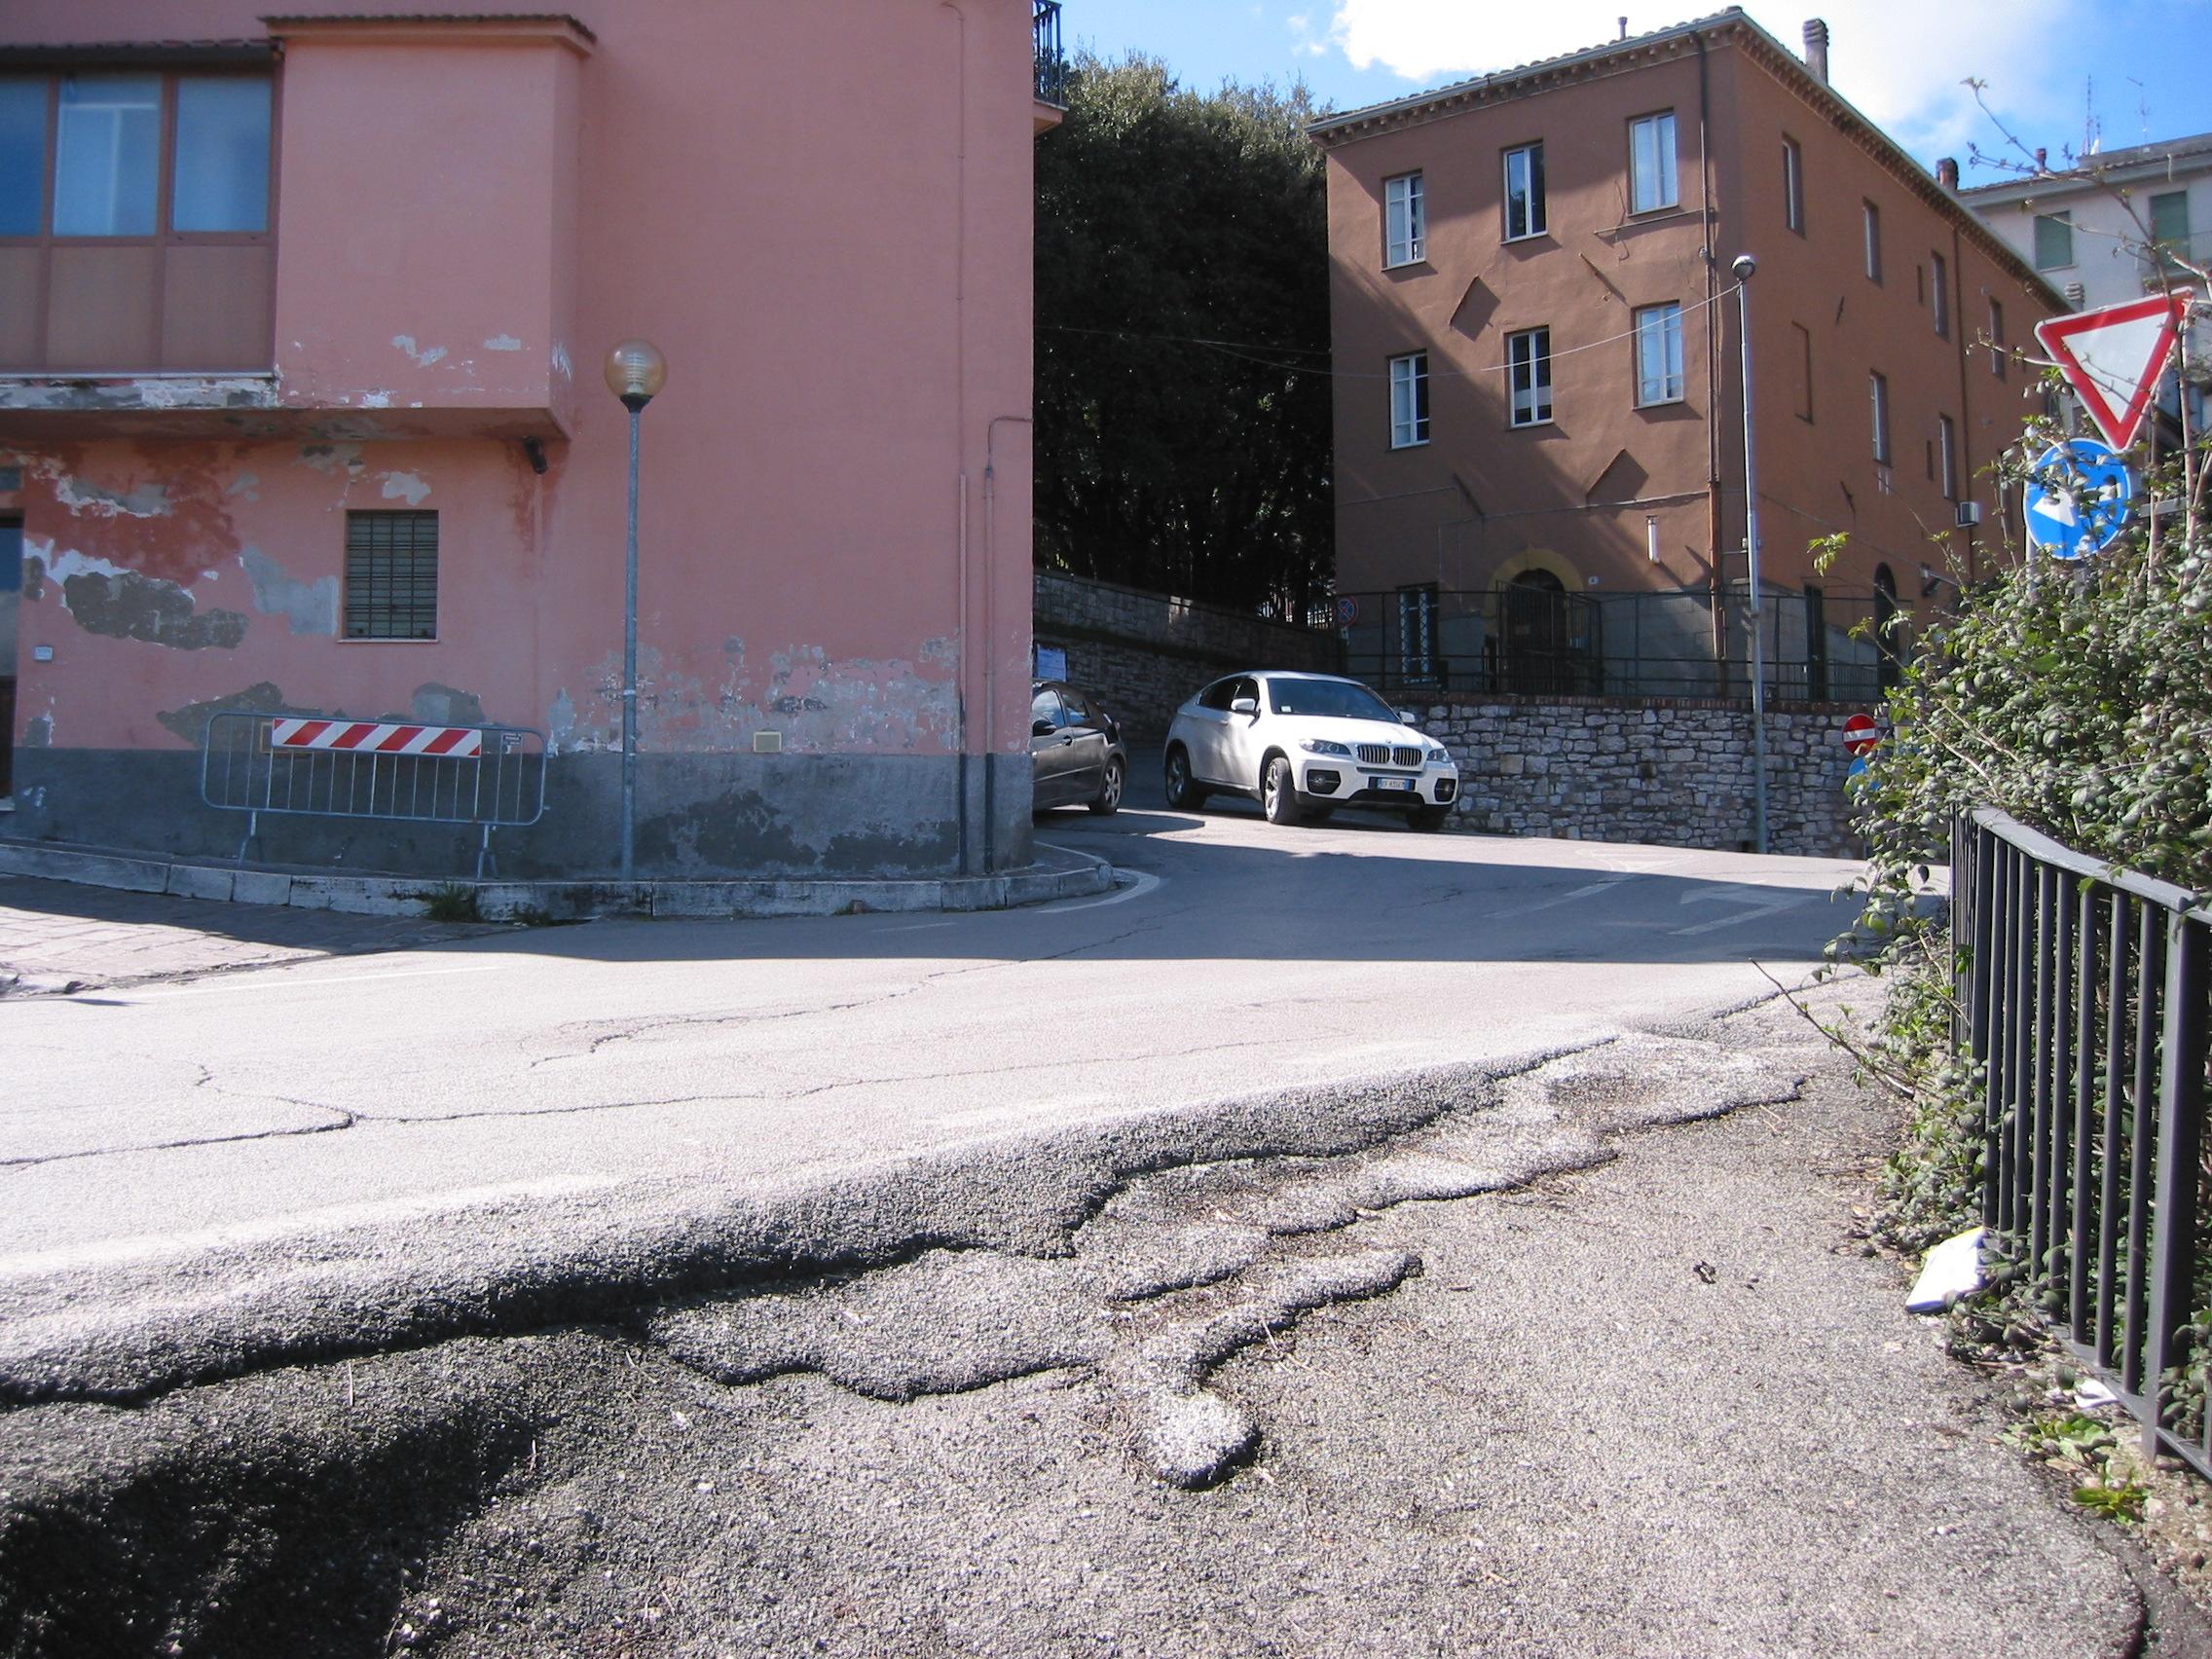 Driveway Of Via Della Pergola 7JPG